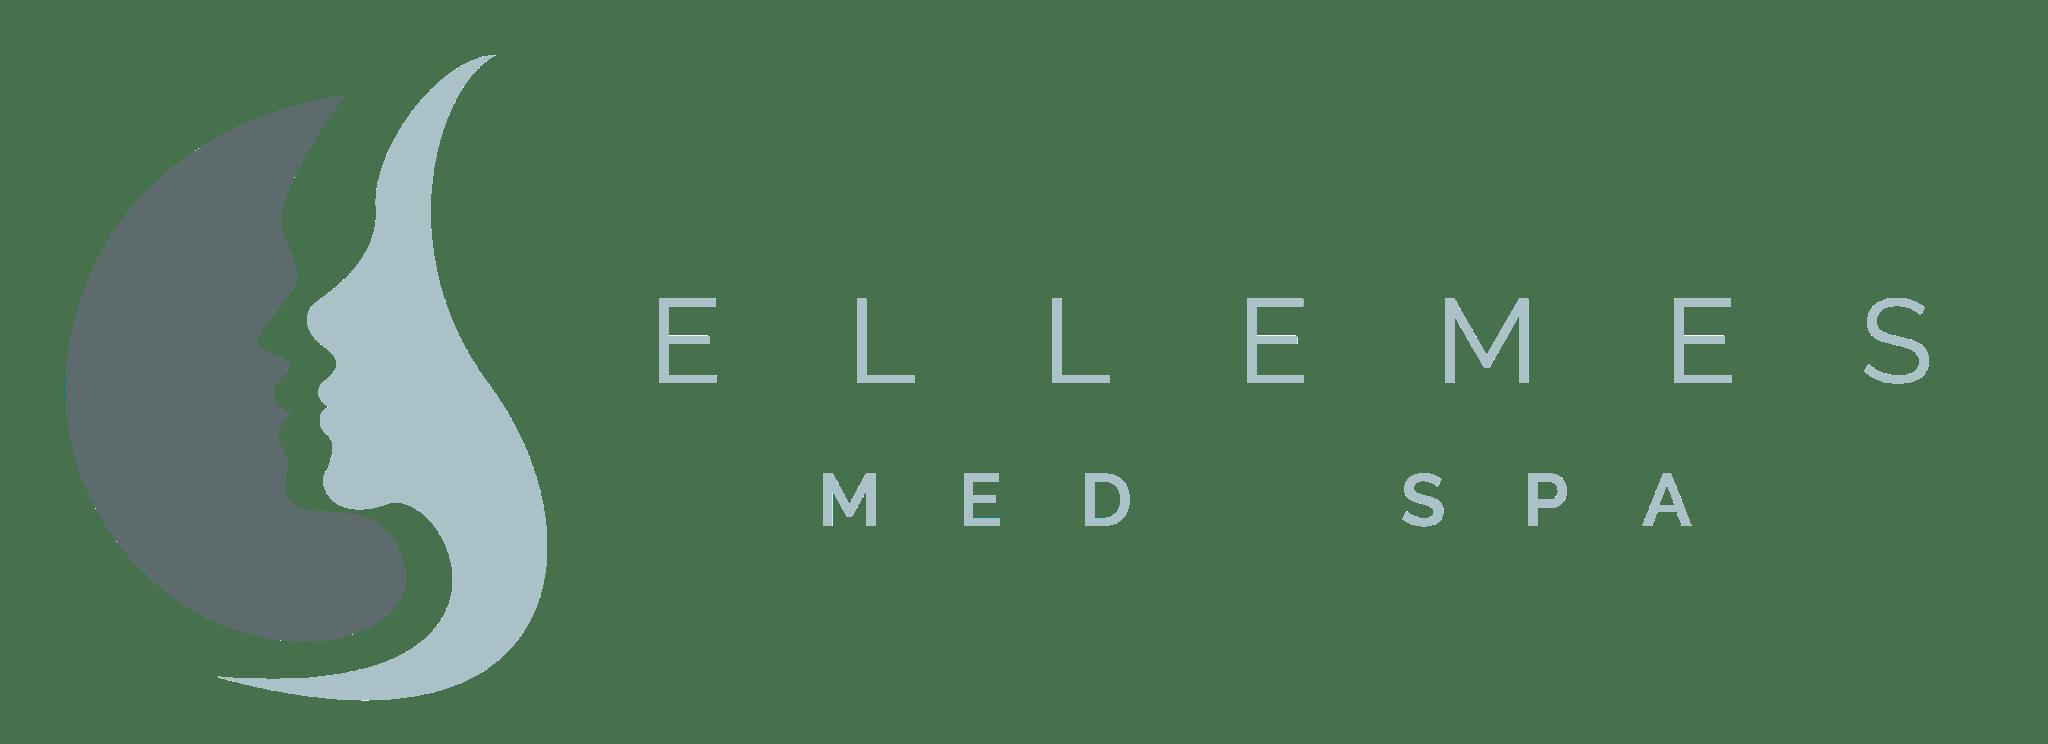 ellemes medical spa logo